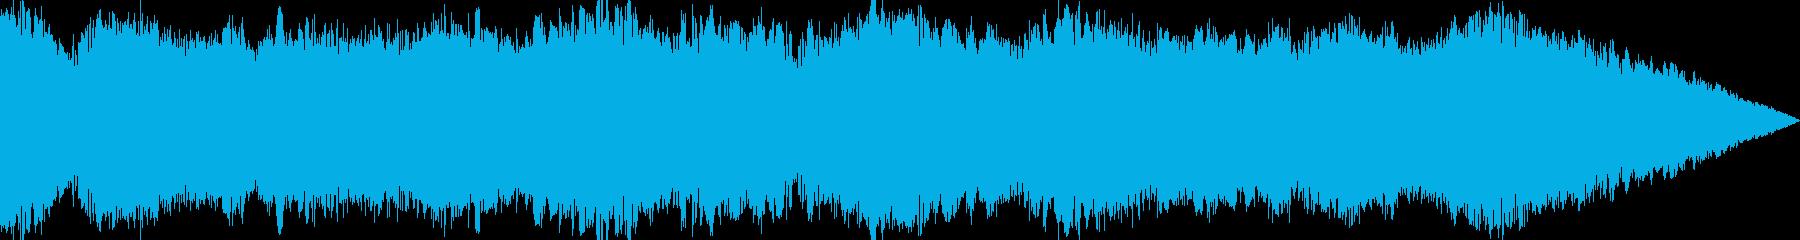 ウィーンと長くうねる効果音の再生済みの波形